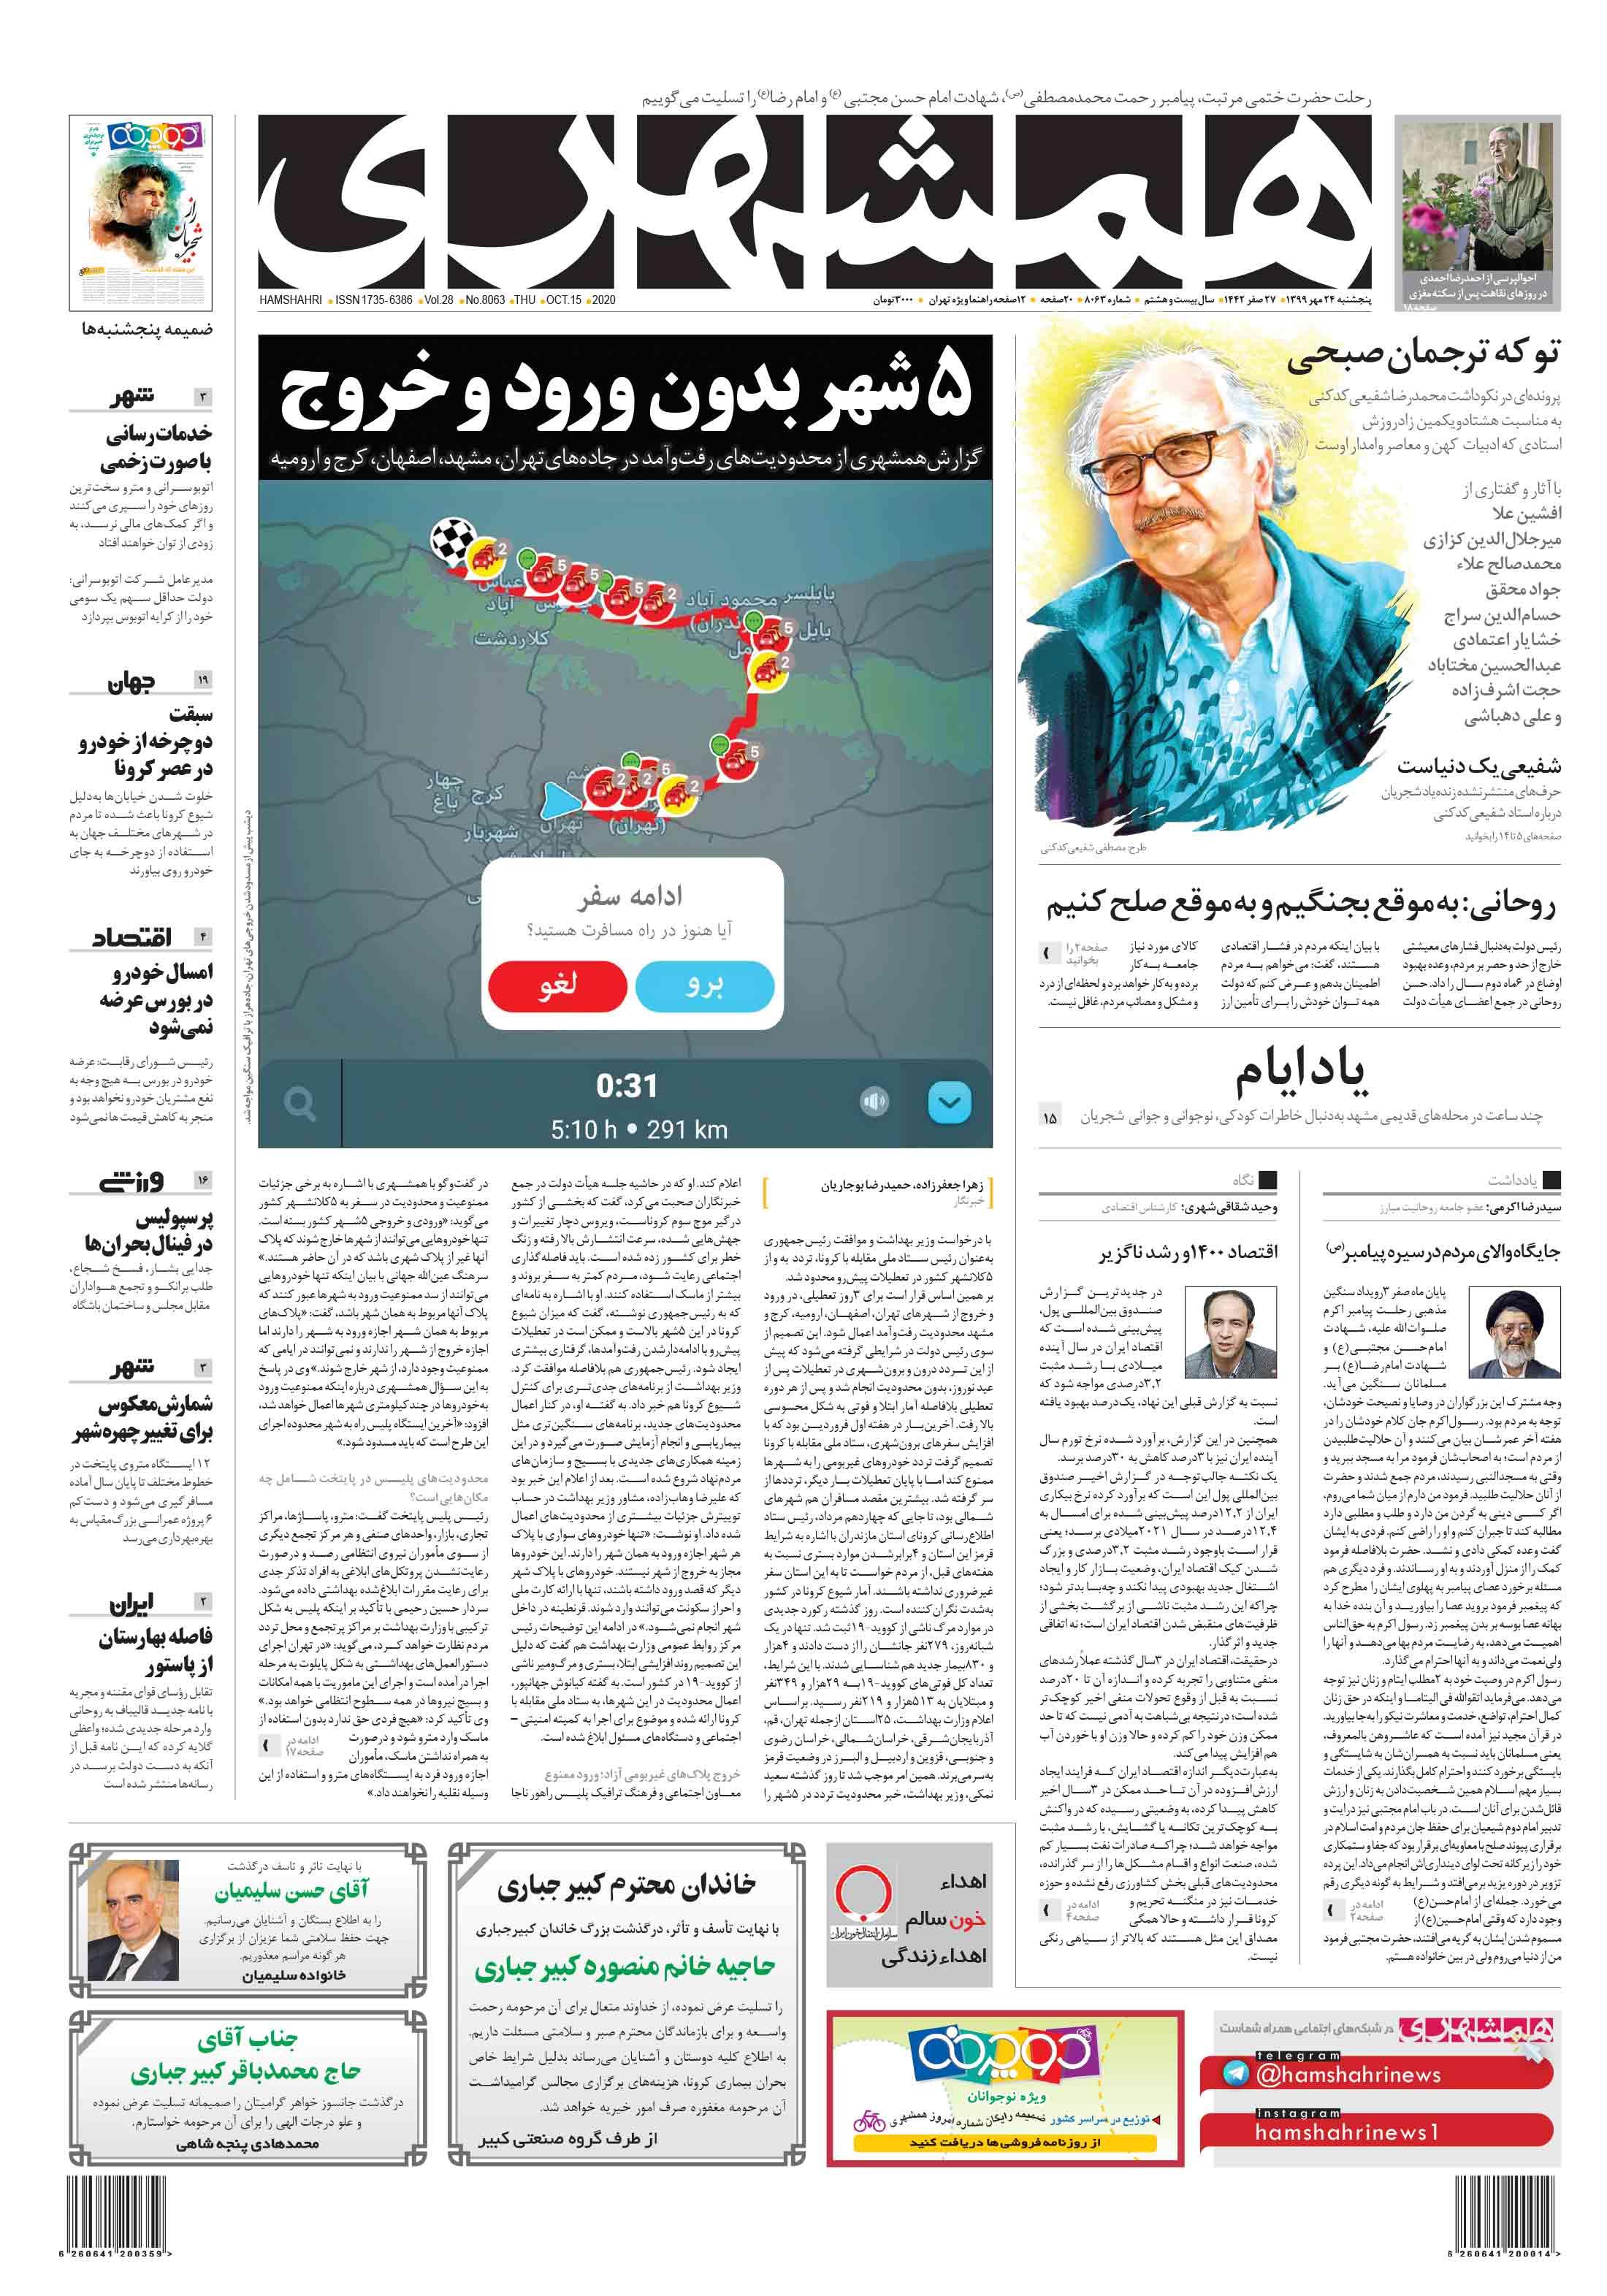 صفحه اول پنجشنبه 24 مهر 1399